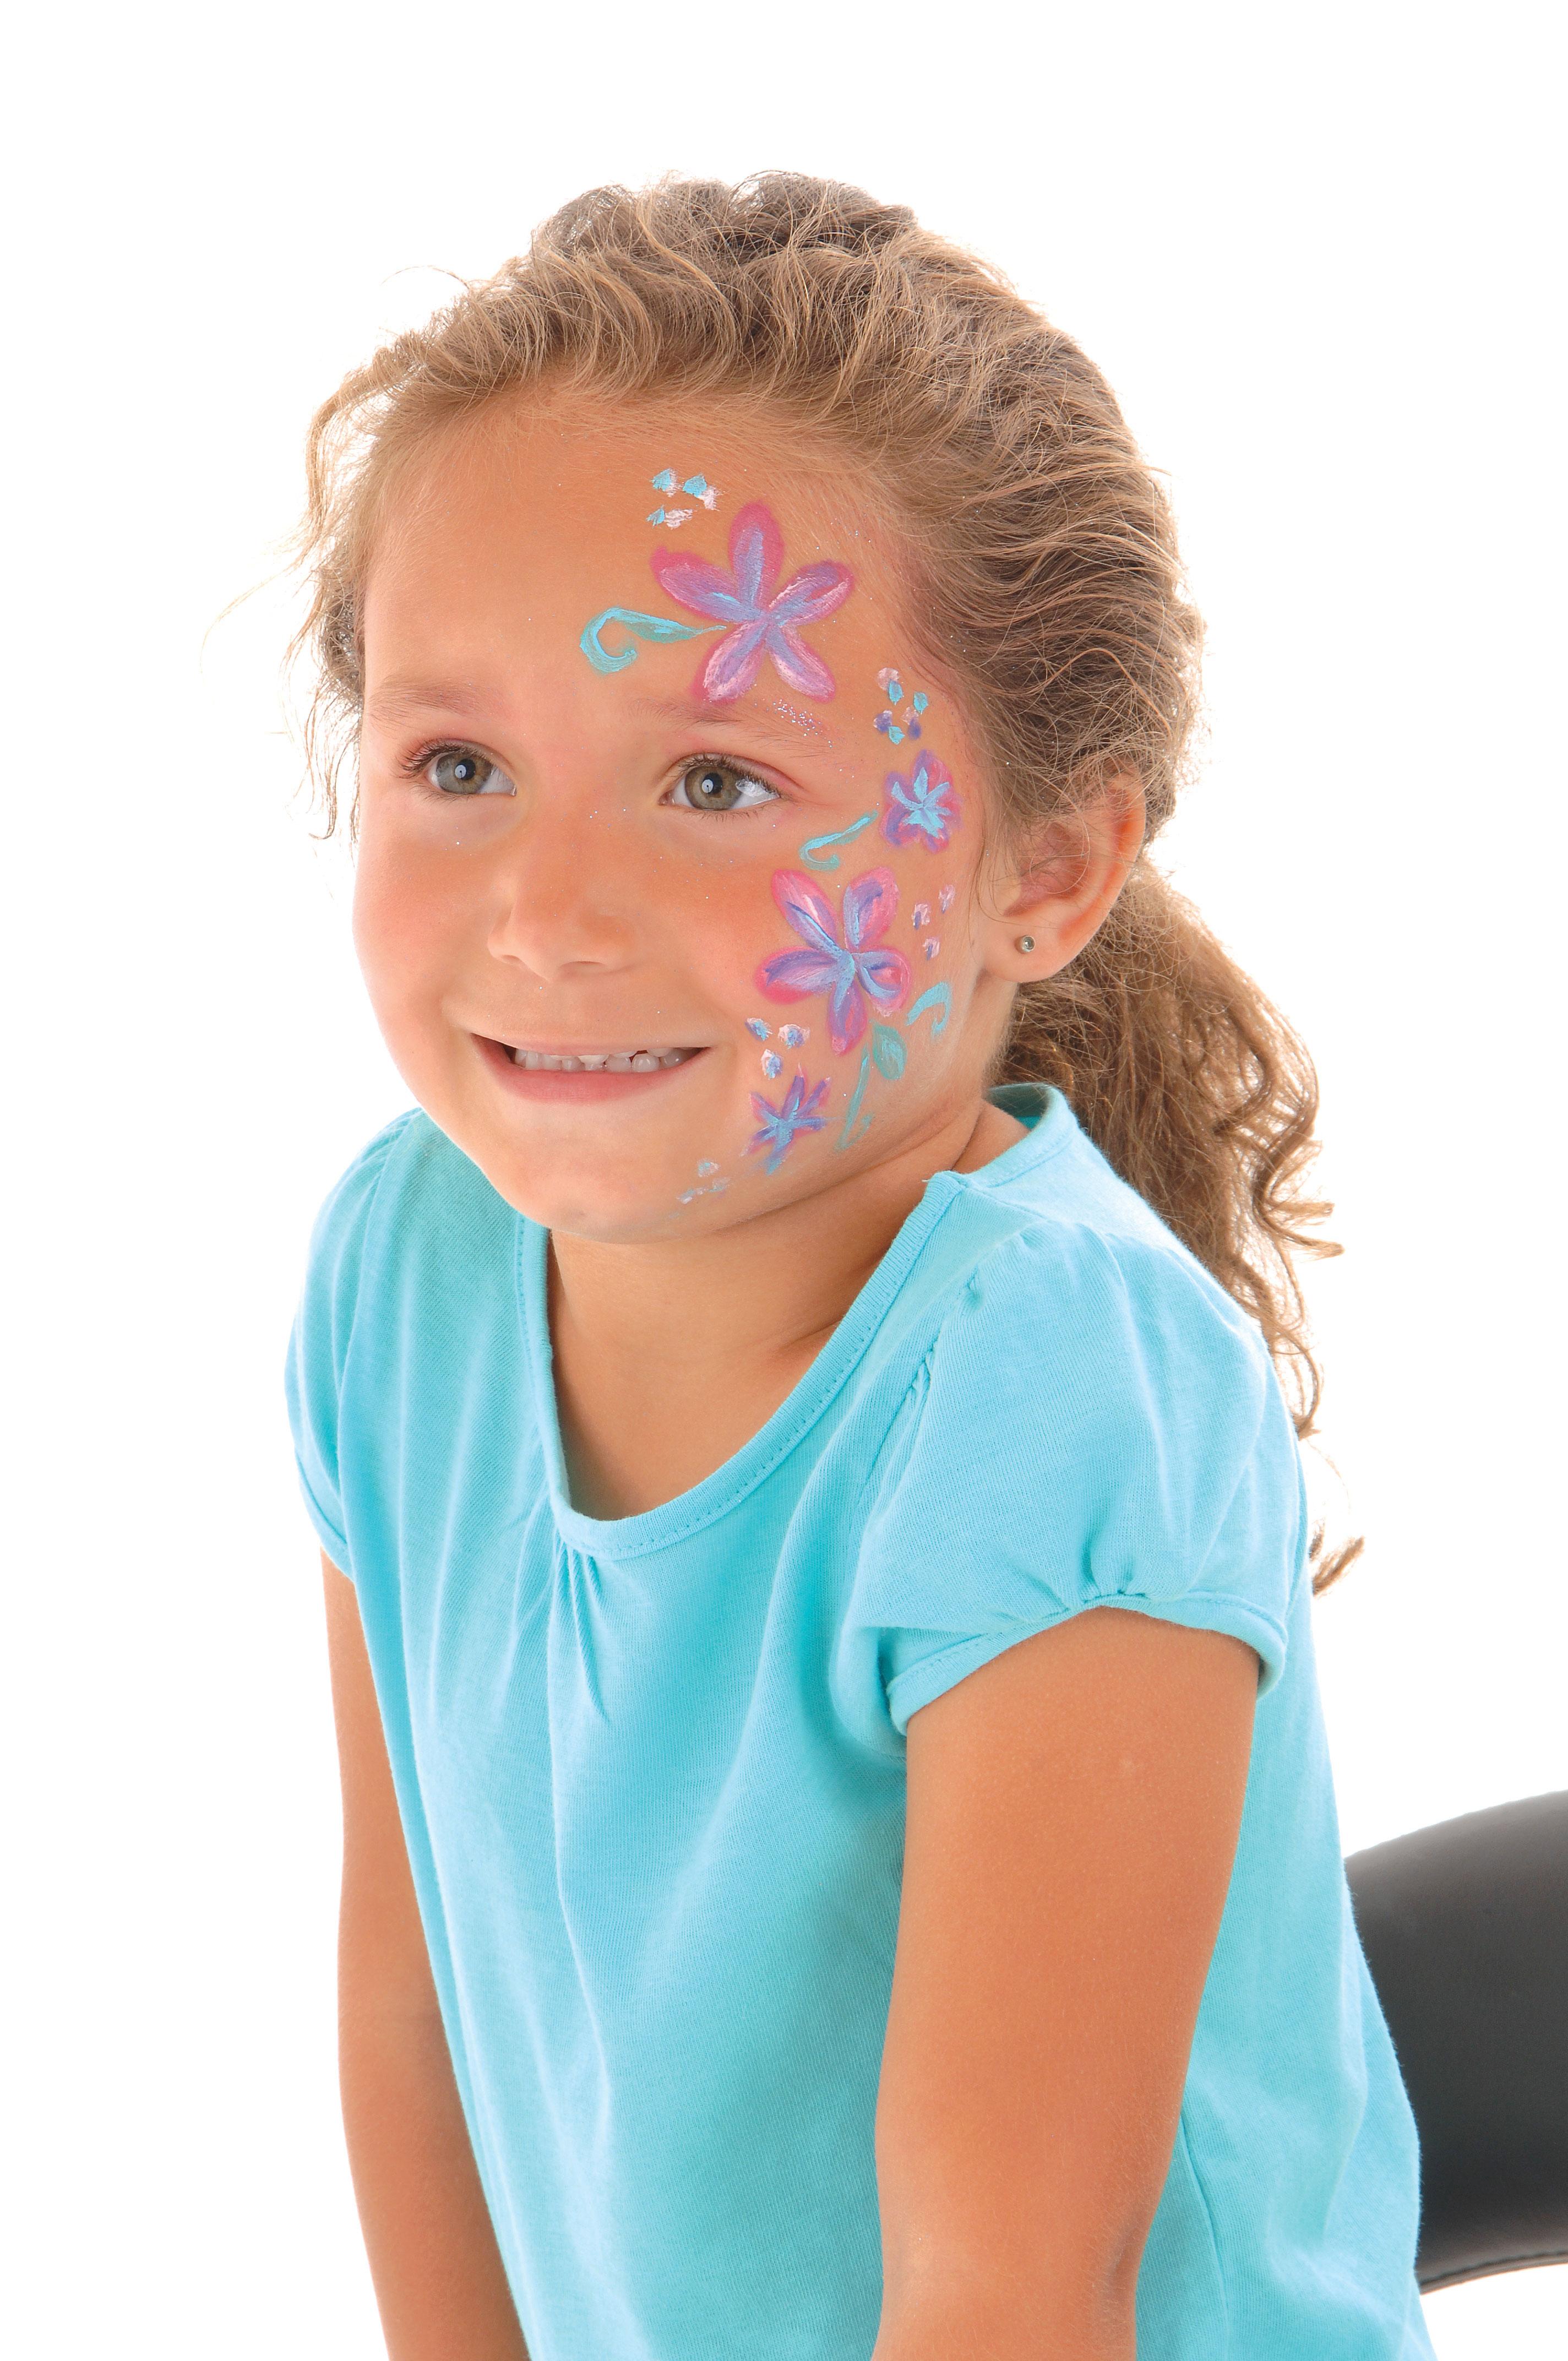 Galt Periler Prenses Yüzü Boyama Fairy Princess Face Paints Galt